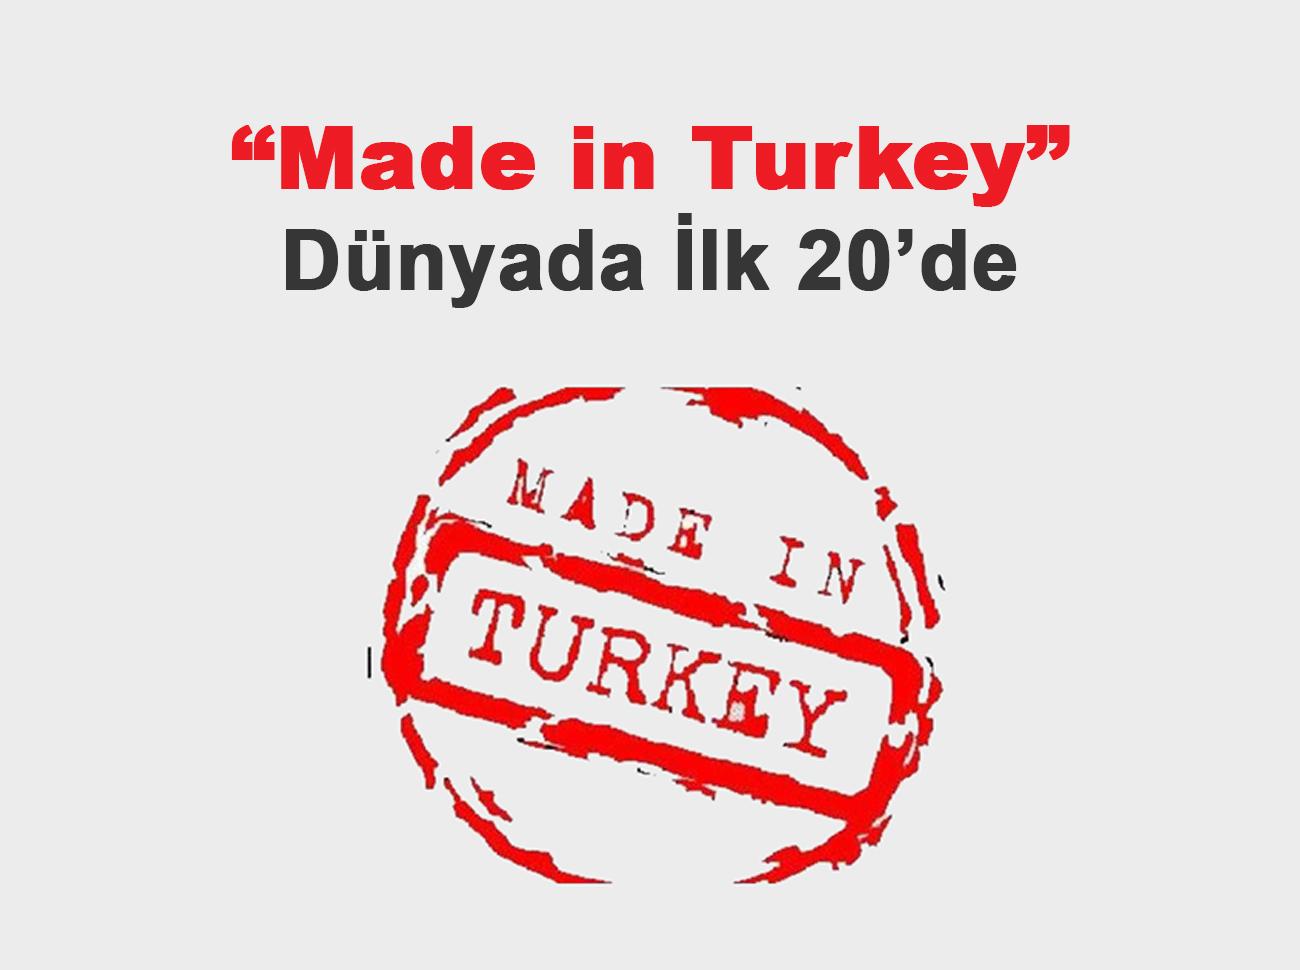 Made in Turkey Kaçıncı Sırada?